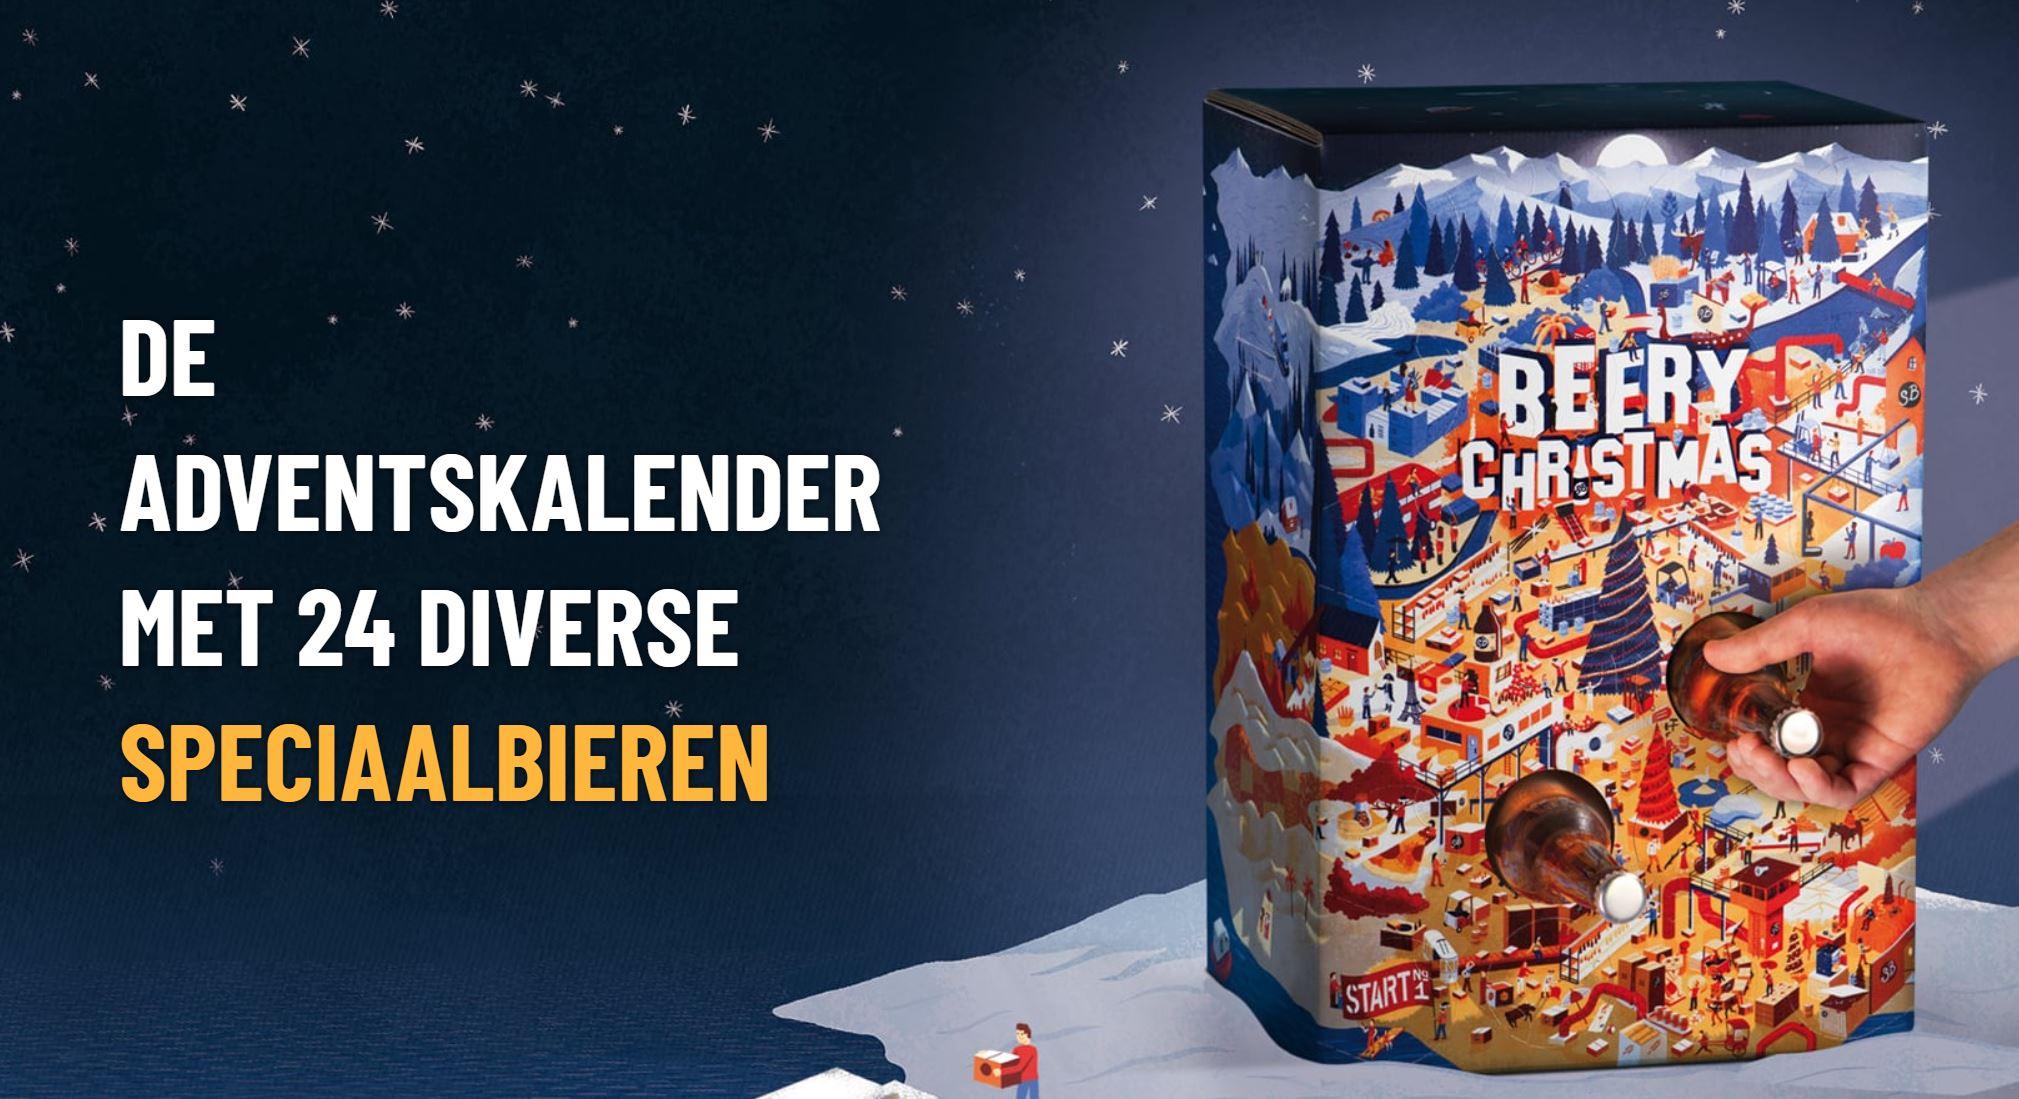 Beery Christmas: een adventskalender met 24 speciaalbieren!